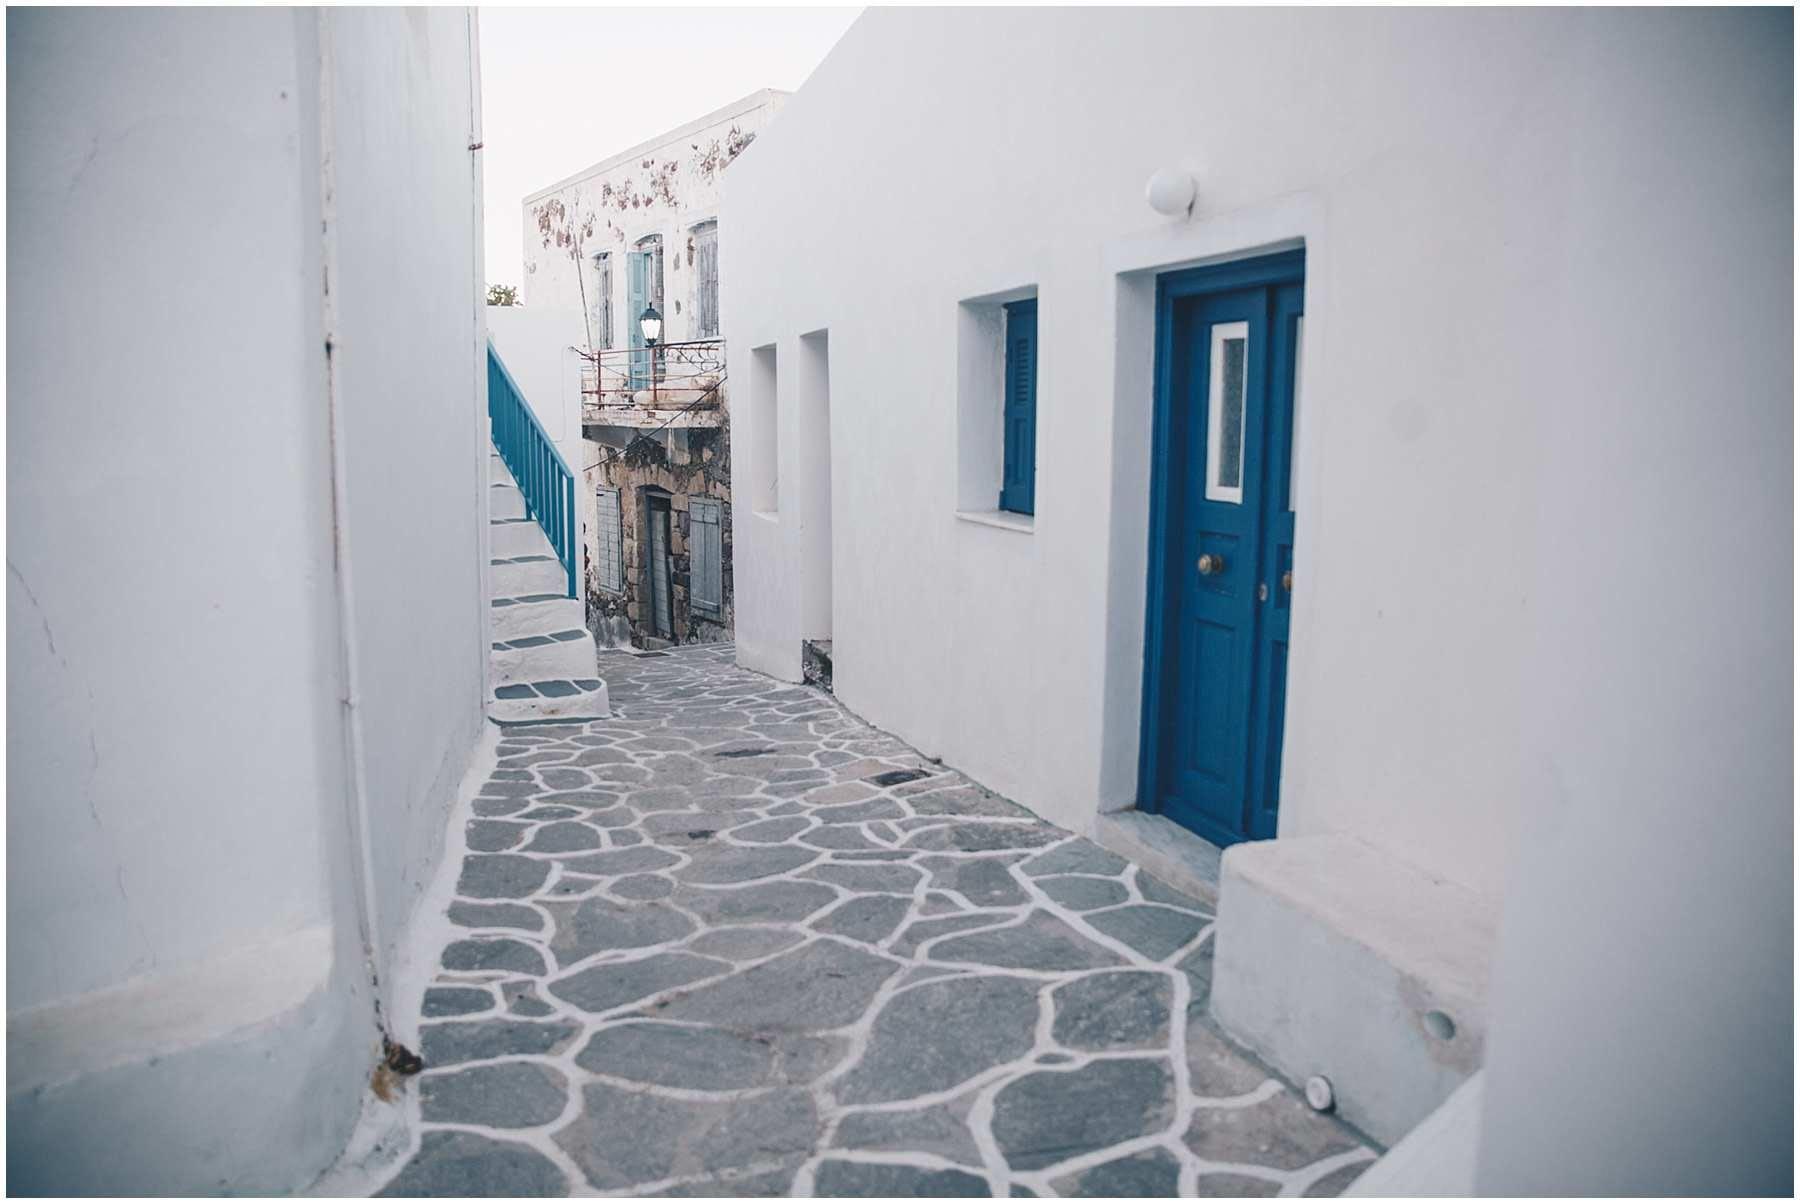 Greece_0013.jpg